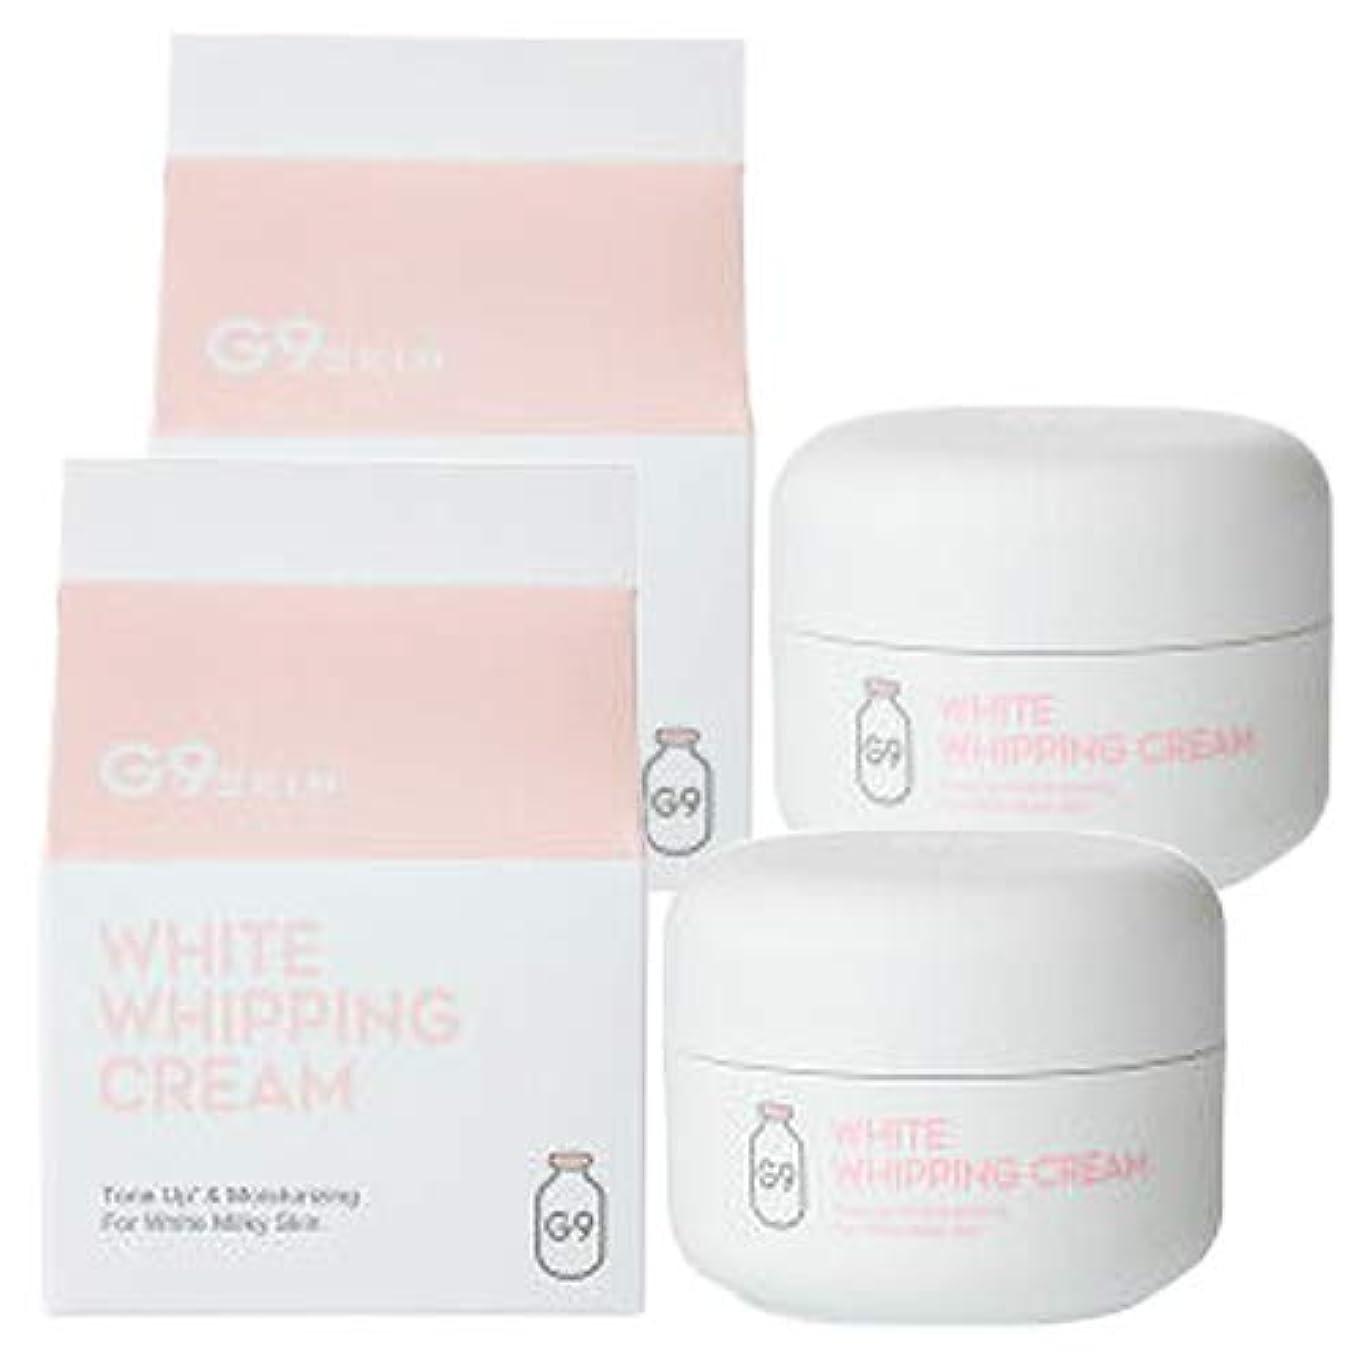 してはいけない勤勉な固めるGR G9スキン ホワイト ホイッピング クリーム (50g) フェイスクリーム 2個セット